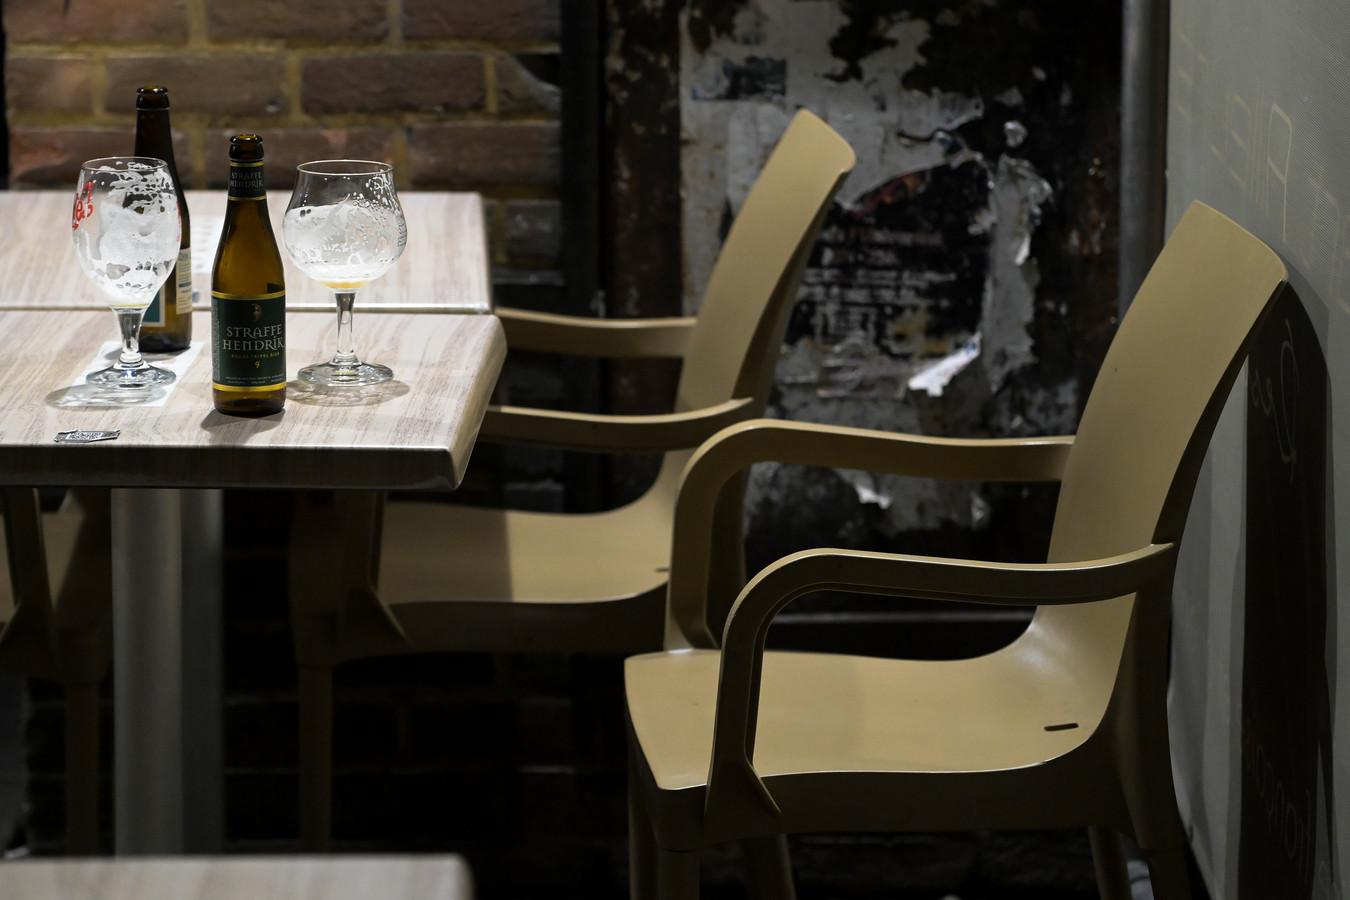 Een verlaten bar in Louvain-la-Neuve. Vorige week dinsdag stelde de provincie Waals-Brabant een avondklok in tussen 1 en 6 uur 's ochtends. Vanaf maandag zal het hele land tussen middernacht en 5 uur verlaten zijn. Om feesten buiten de horeca te vermijden. Net daar wringt het schoentje.